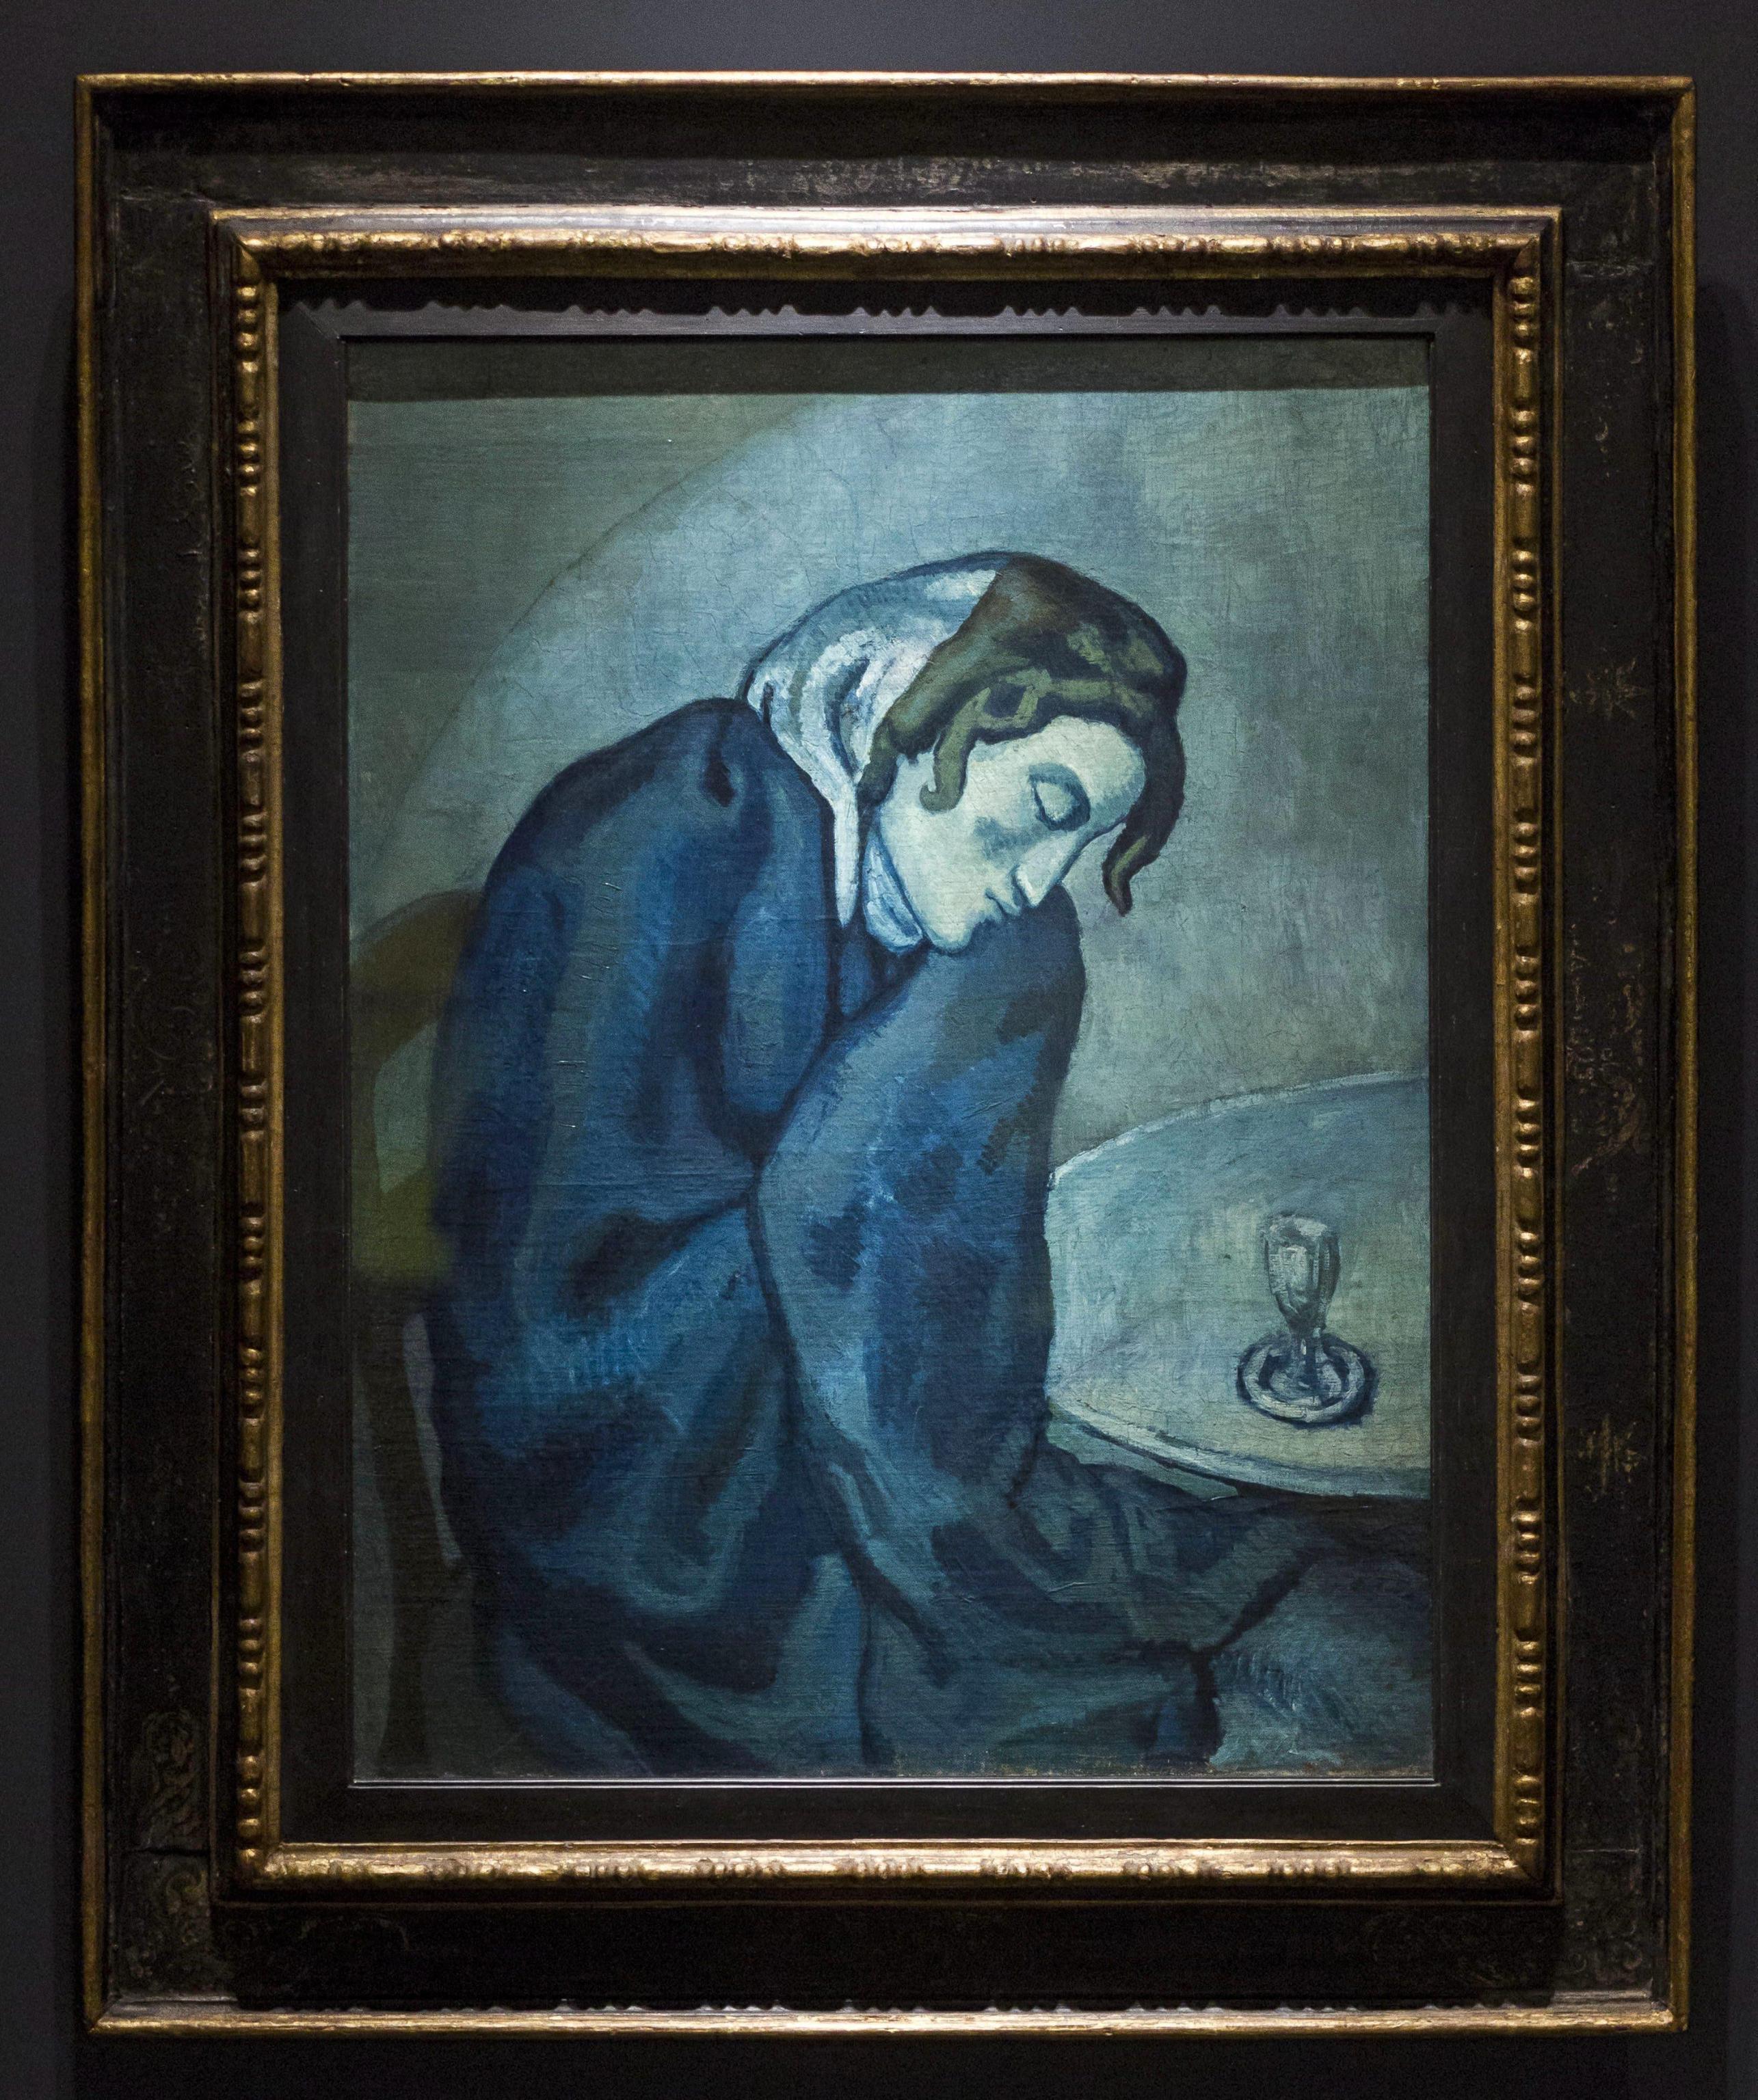 quadri più famosi di picasso Drunk woman is tired